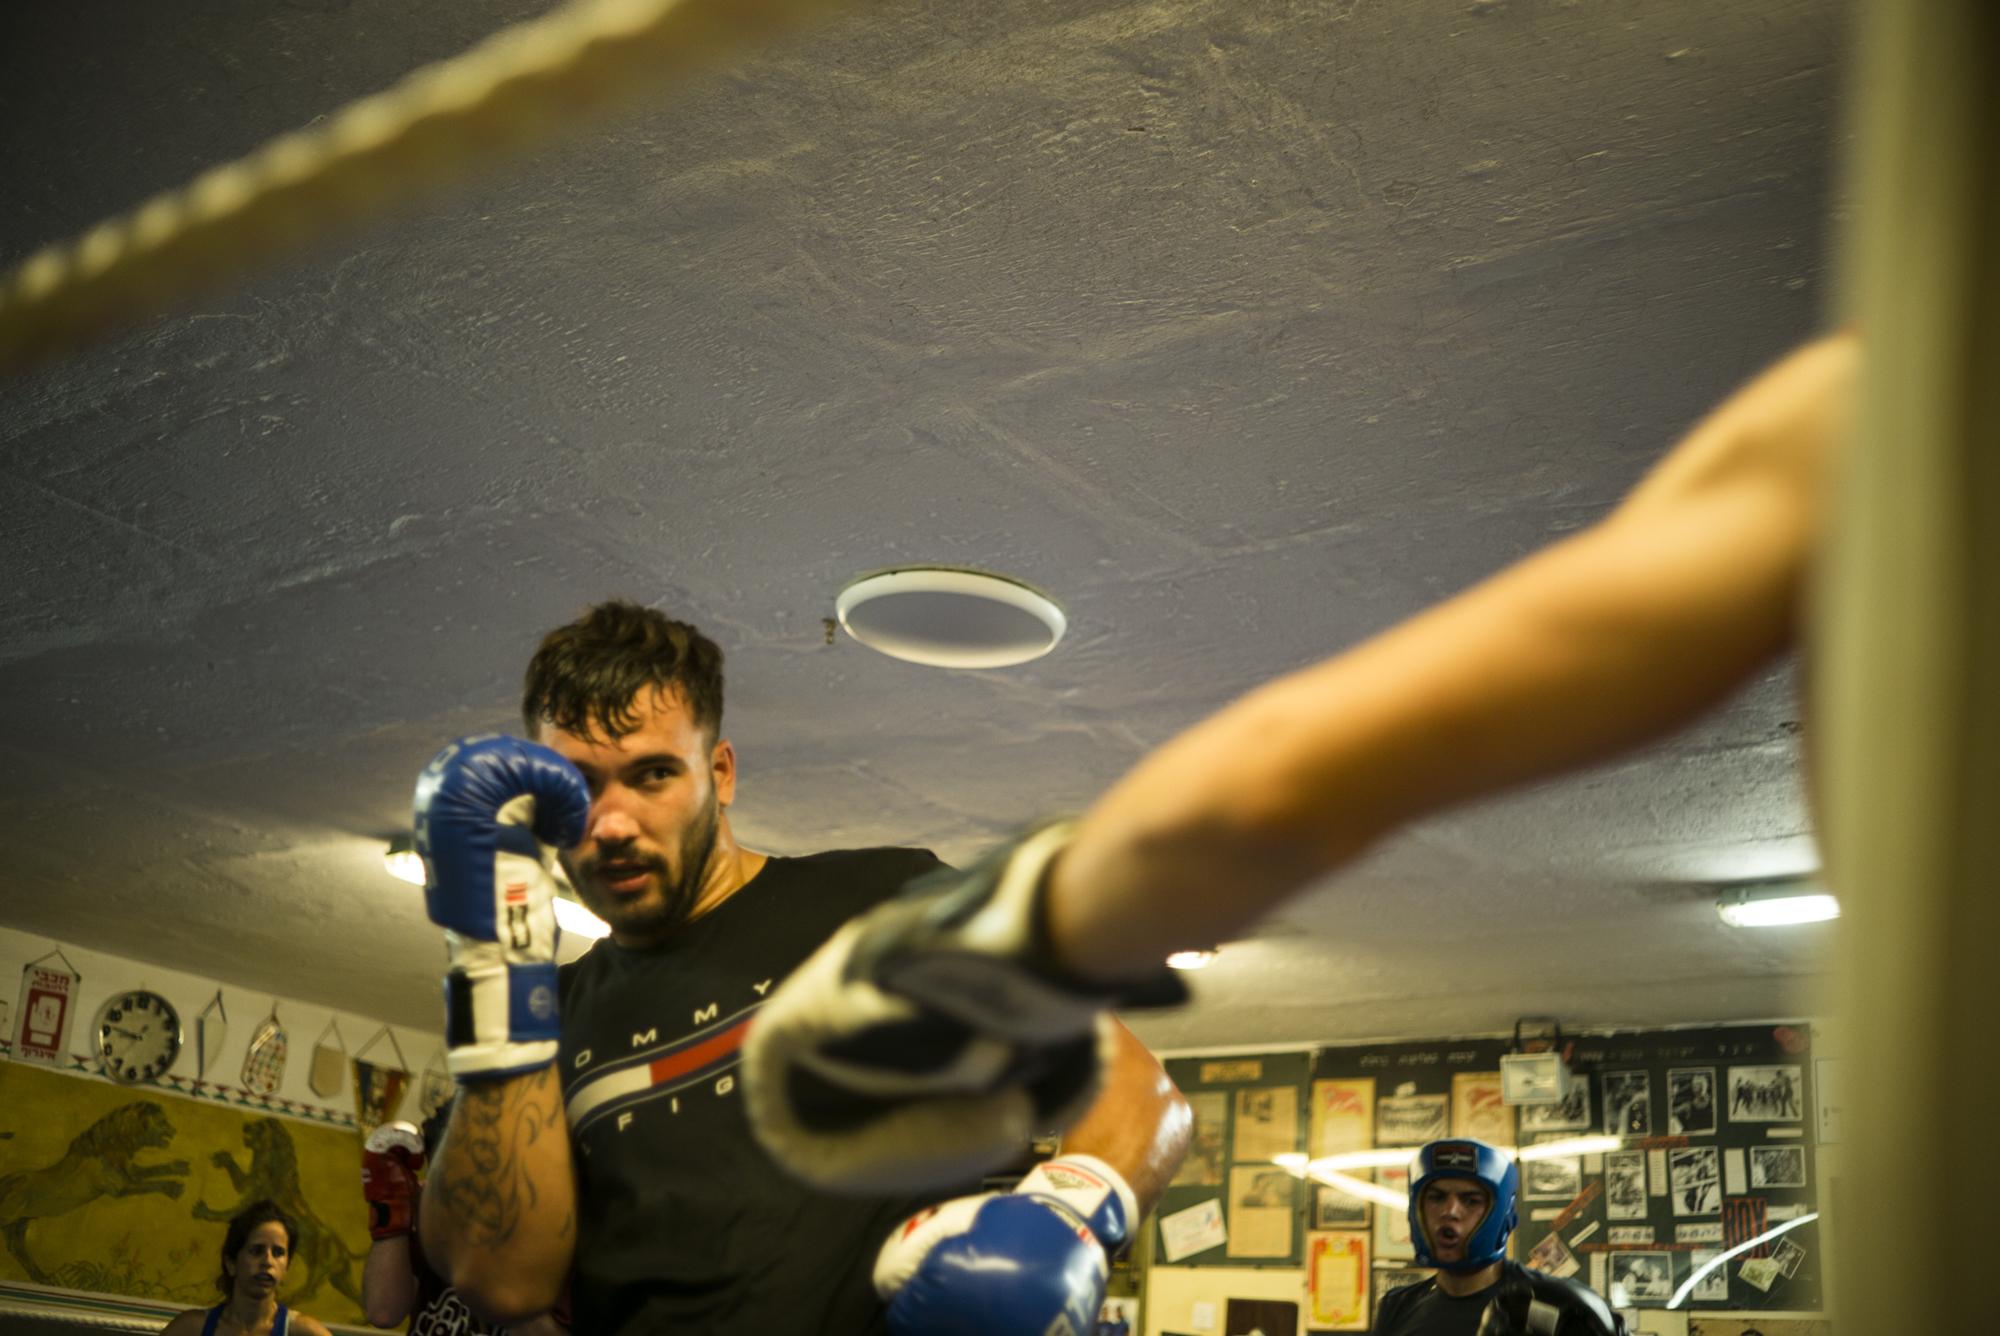 L2002717_Jerusalem_Boxing_.jpg